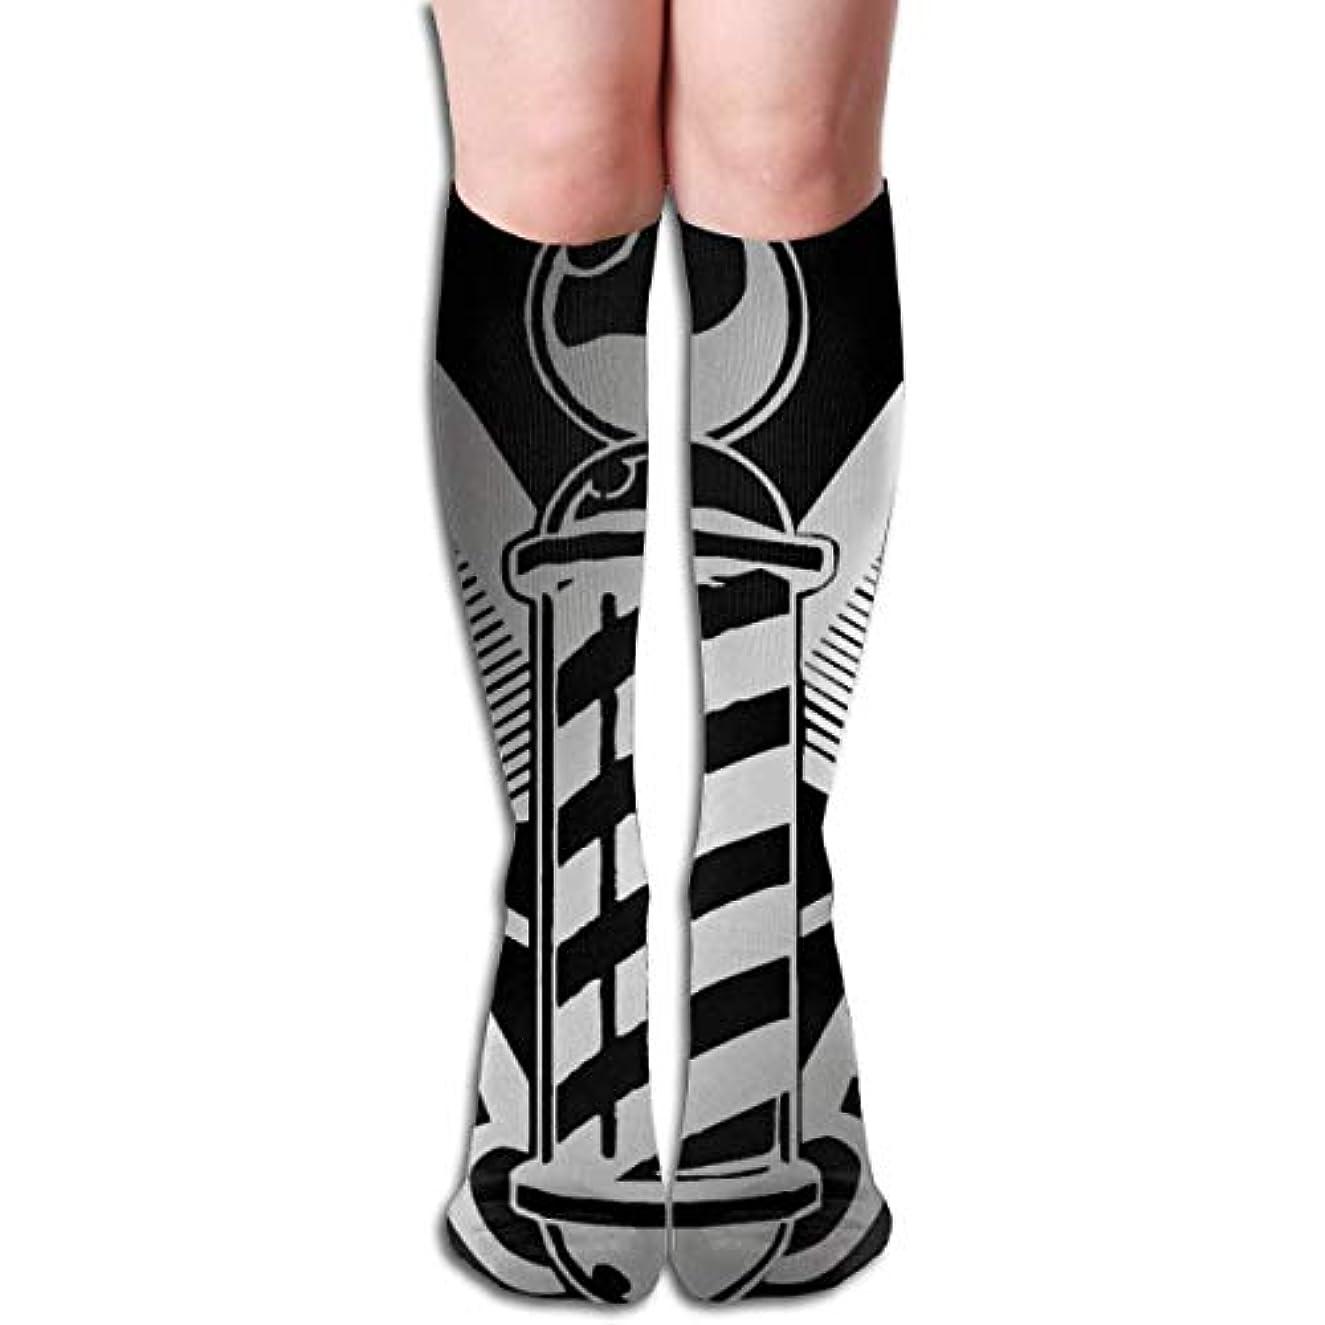 暗い兵隊バランスのとれた3 D抗菌アスレチックソックス圧縮靴下クルーソックスロングスポーツ膝ハイソックス少年少女キッズ幼児用